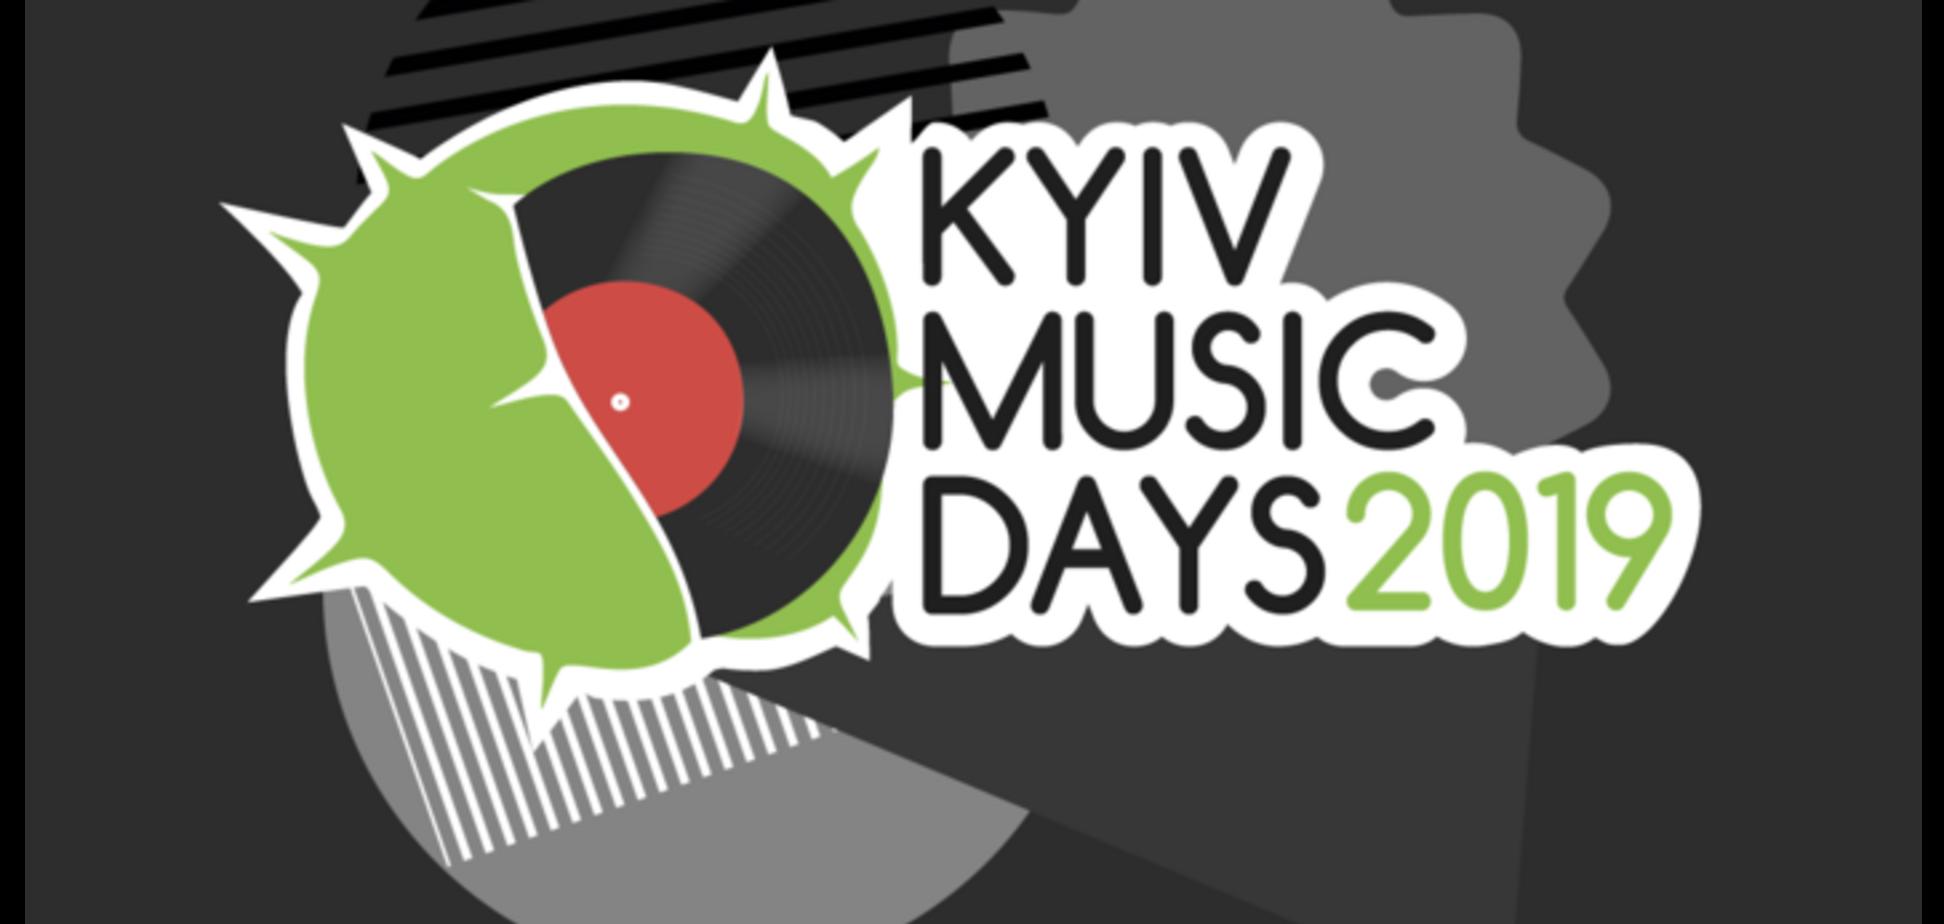 У Києві відбудеться форум для артистів і менеджерів